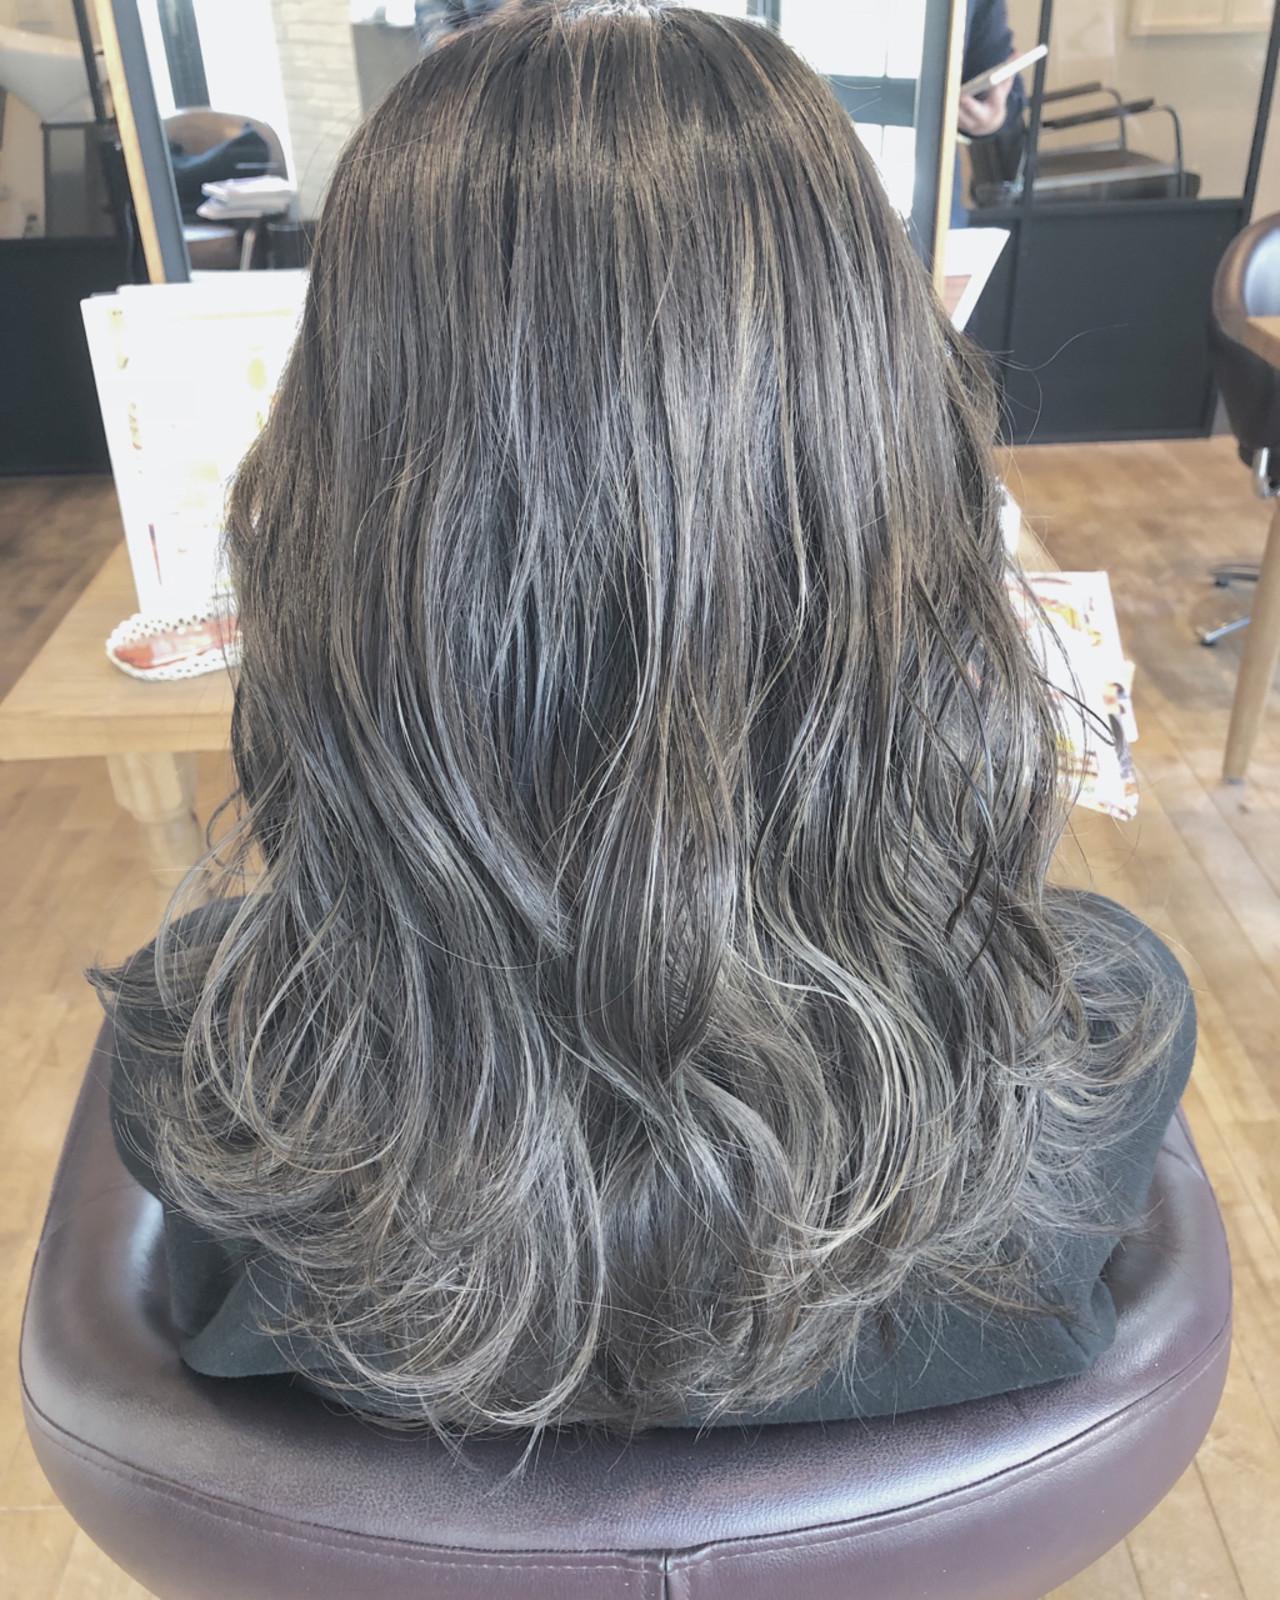 ハイライト 上品 エレガント 暗髪 ヘアスタイルや髪型の写真・画像